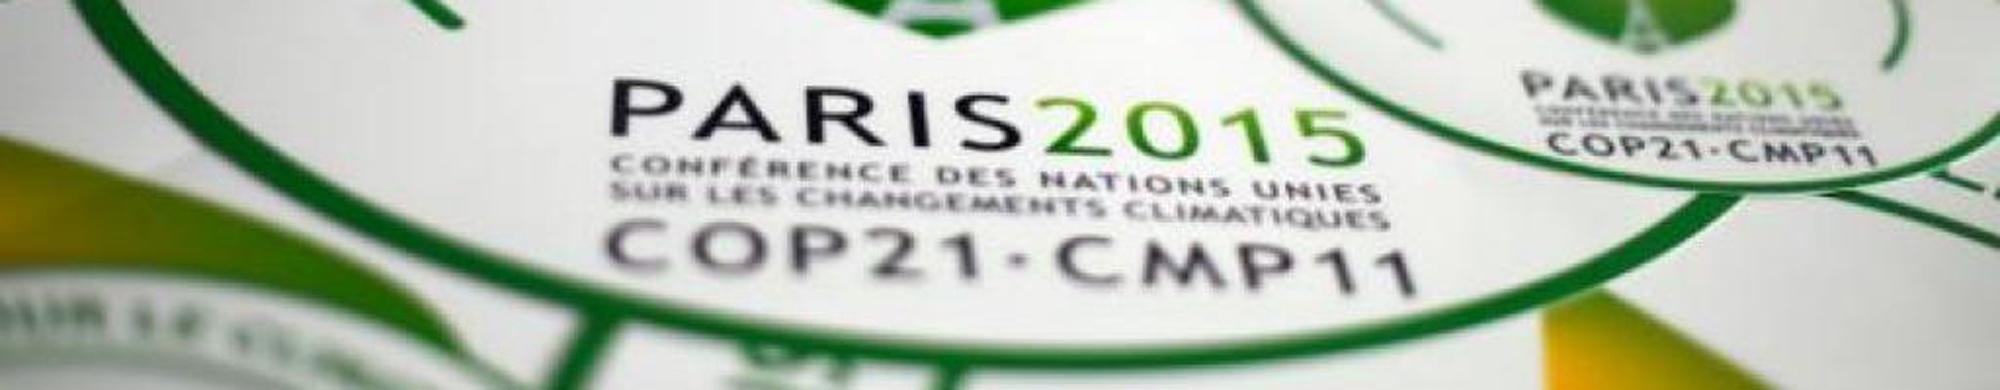 Climat : à Paris, les États sont arrivés à un accord ! Oui, mais encore …